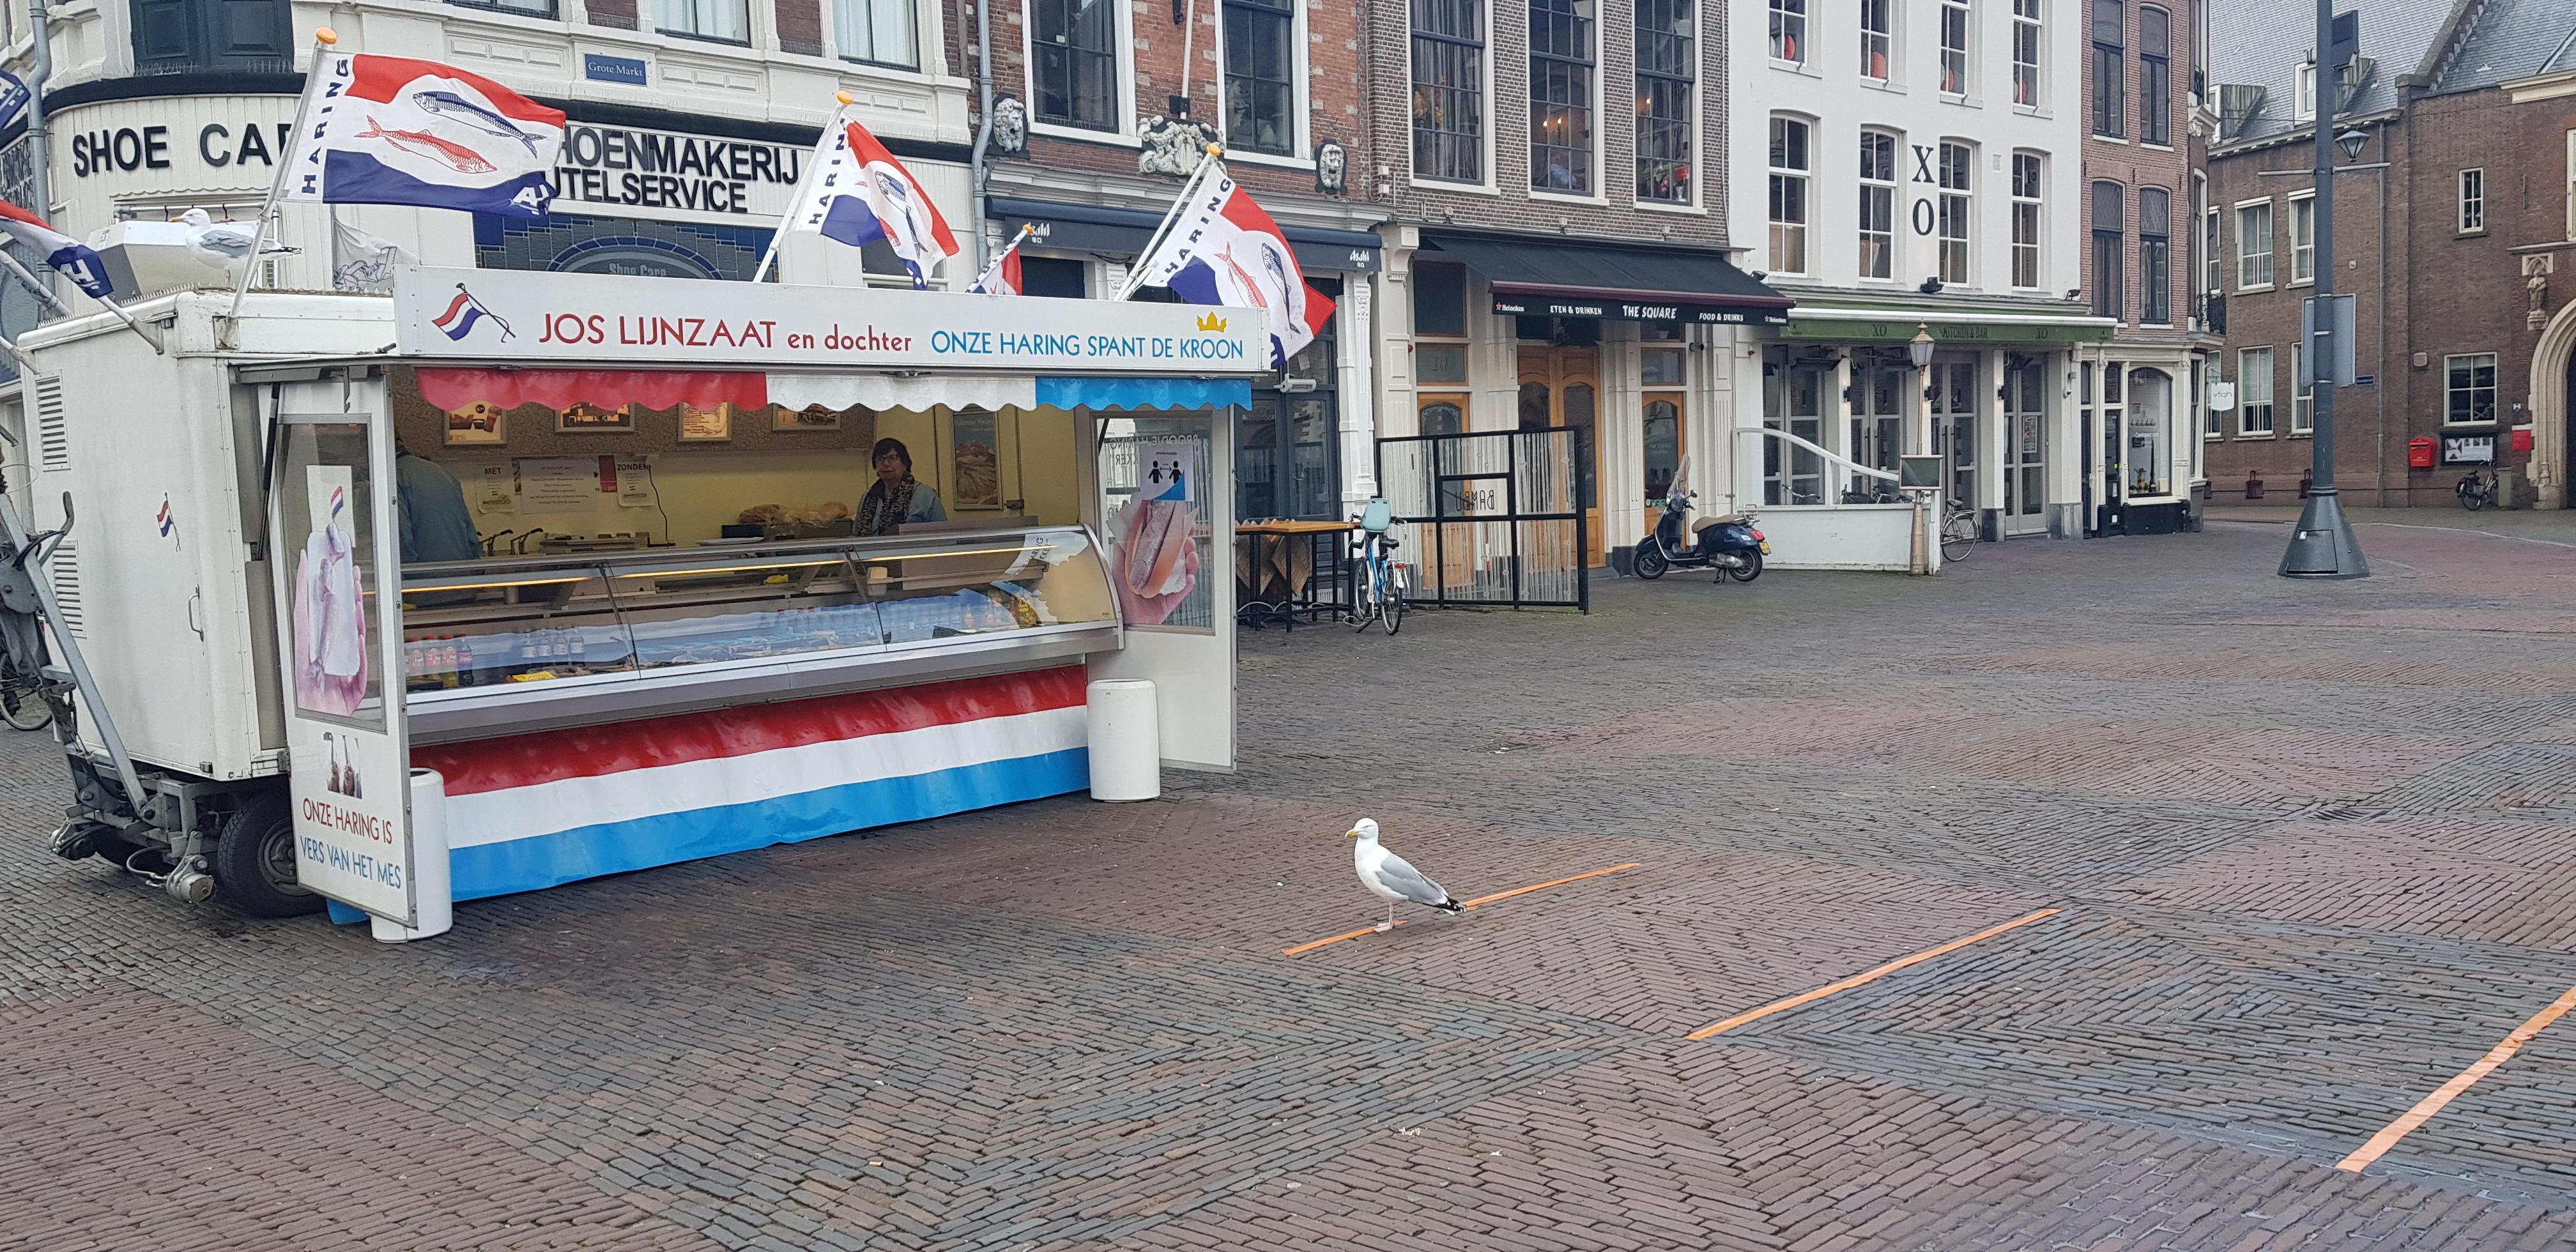 'Volgende klant graag!'; Viskraam van Jos Lijnzaat en dochter op Grote Markt in Haarlem blijft ondanks alles open